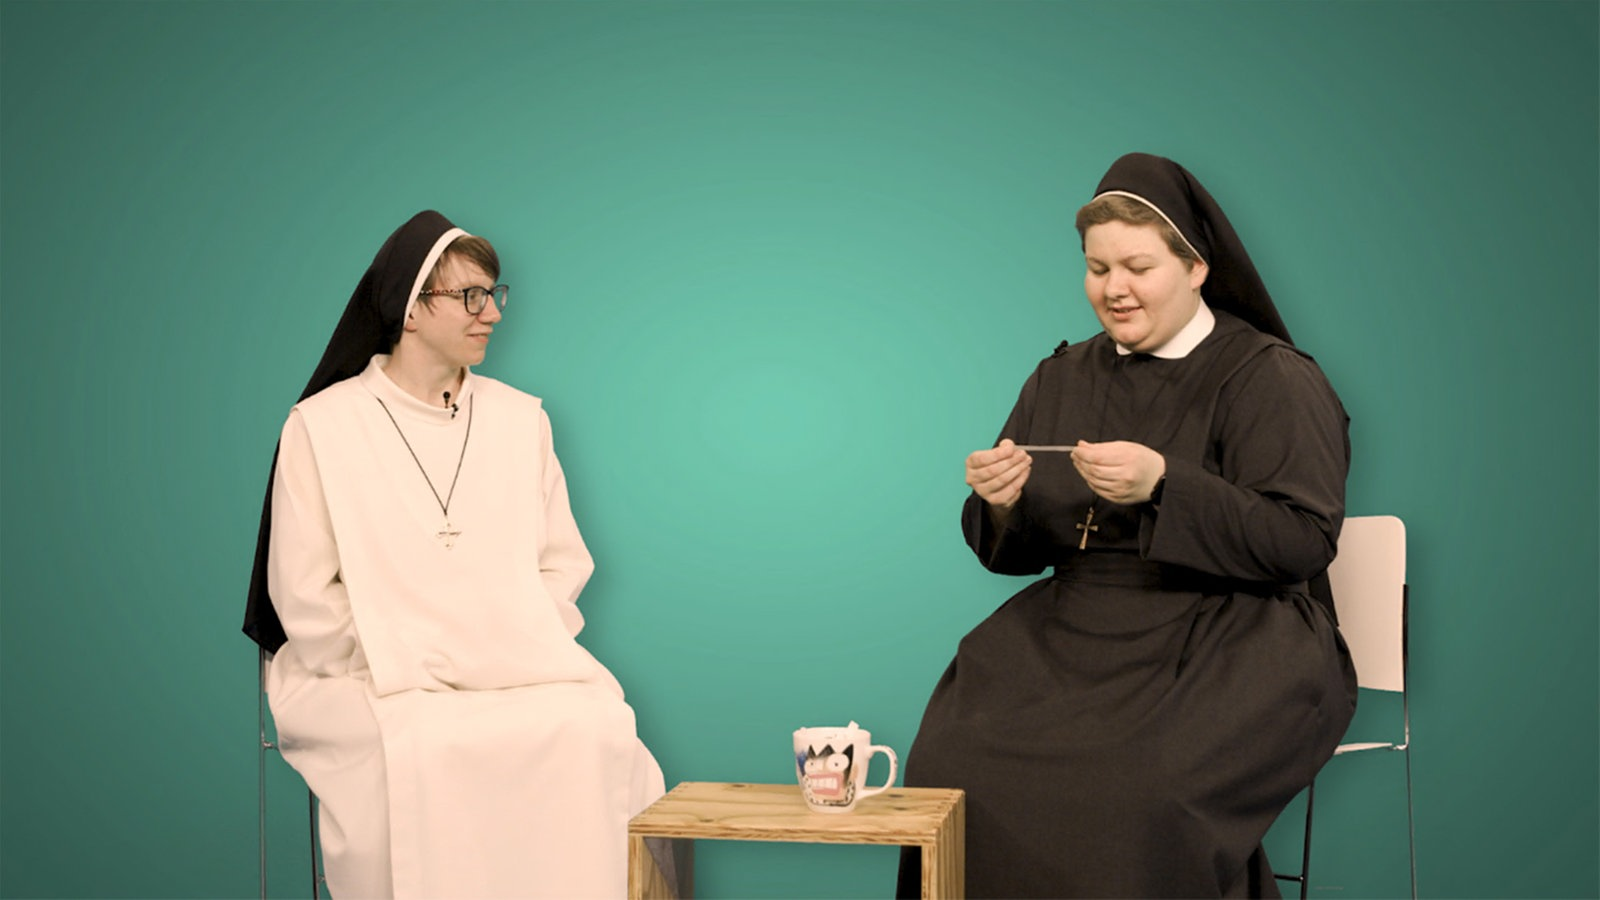 1LIVE Dumm gefragt - Nonnen und Mönche - Dumm gefragt